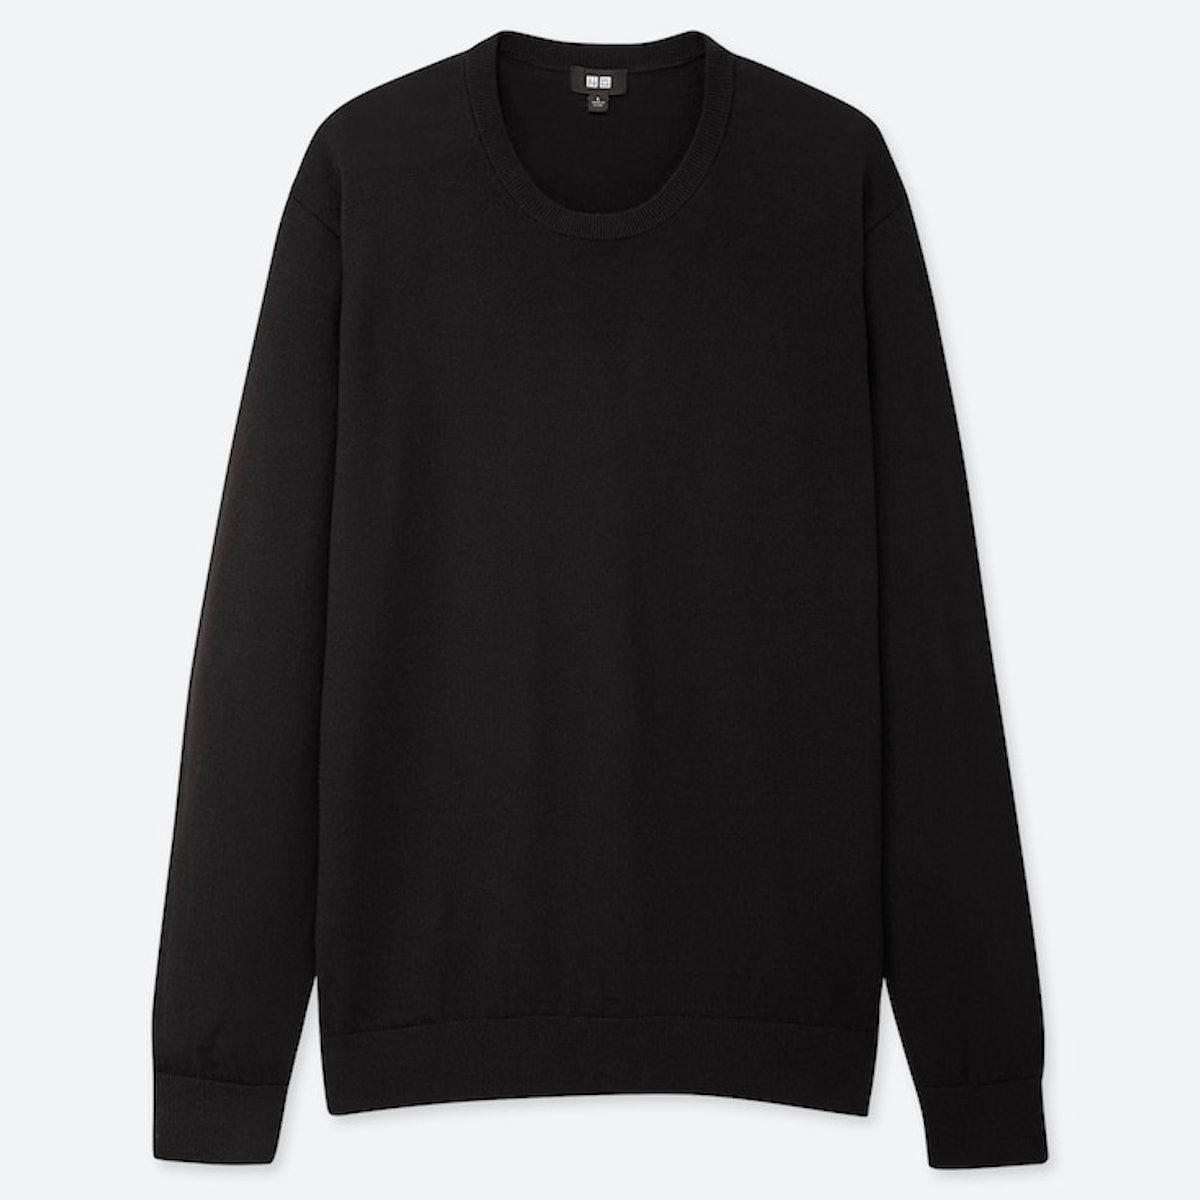 Men's Extra Fine Merino Crew Neck Long-Sleeve Sweater